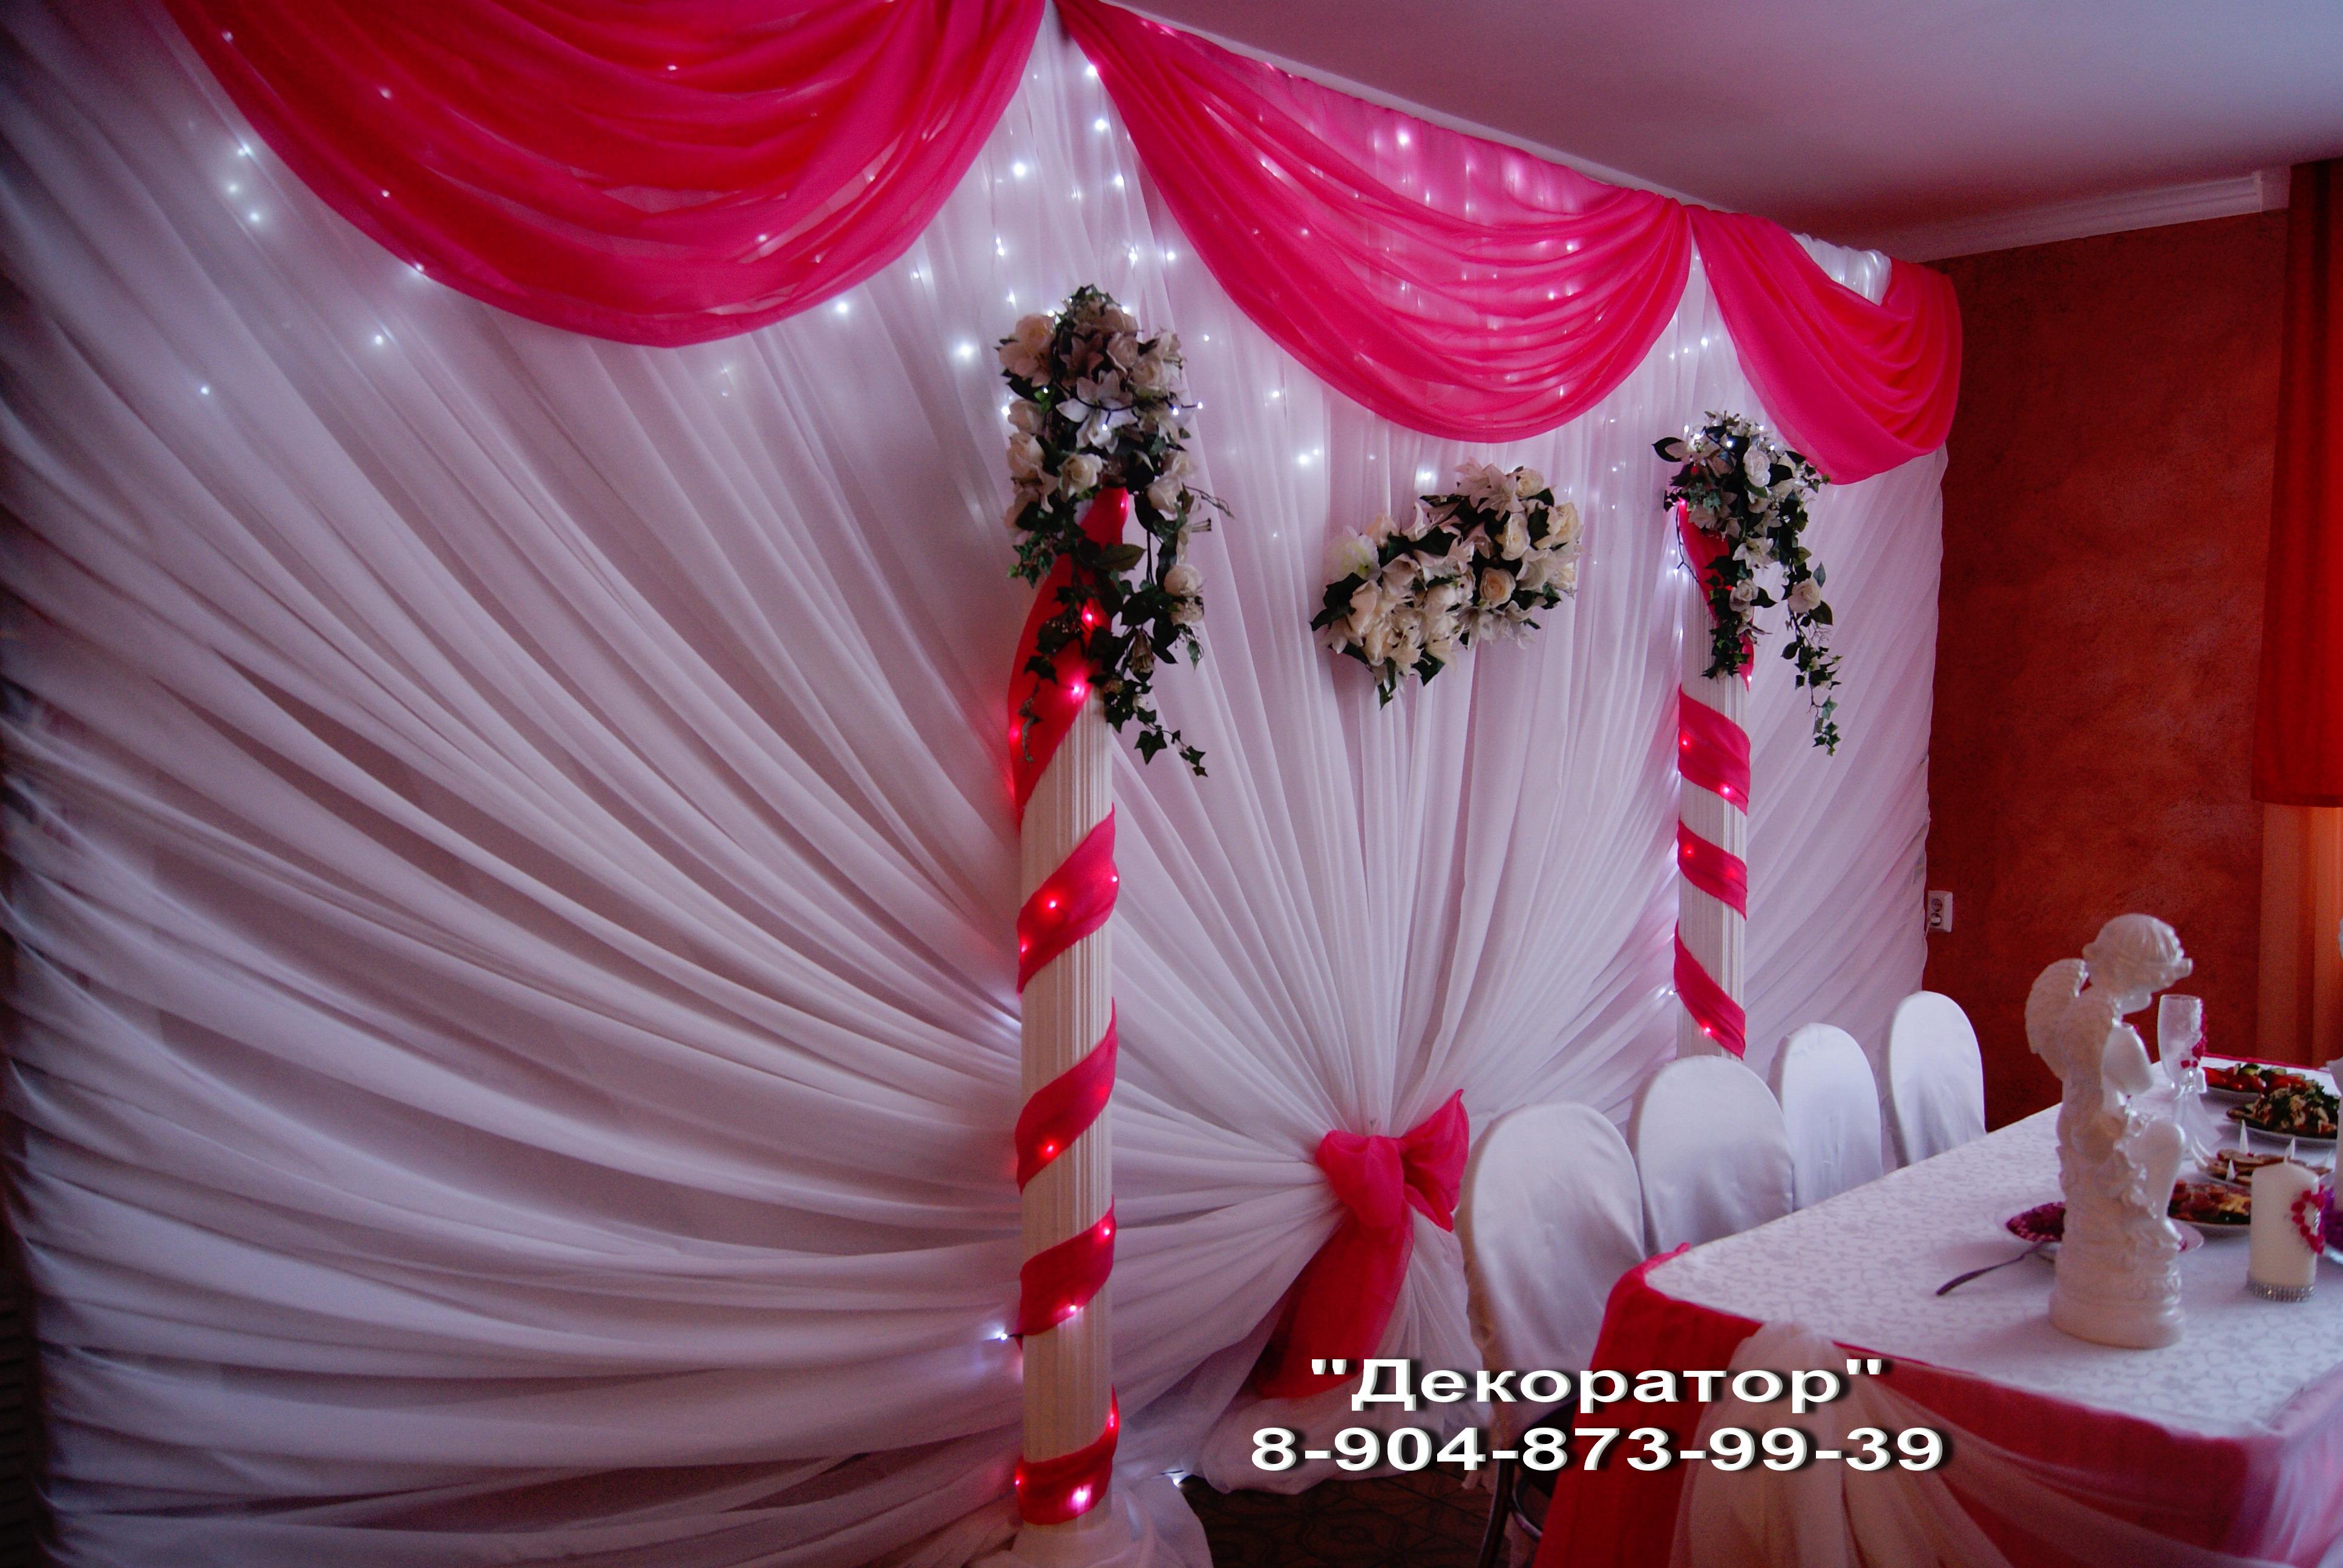 Оформление зала на свадьбу фото в цвете фуксия